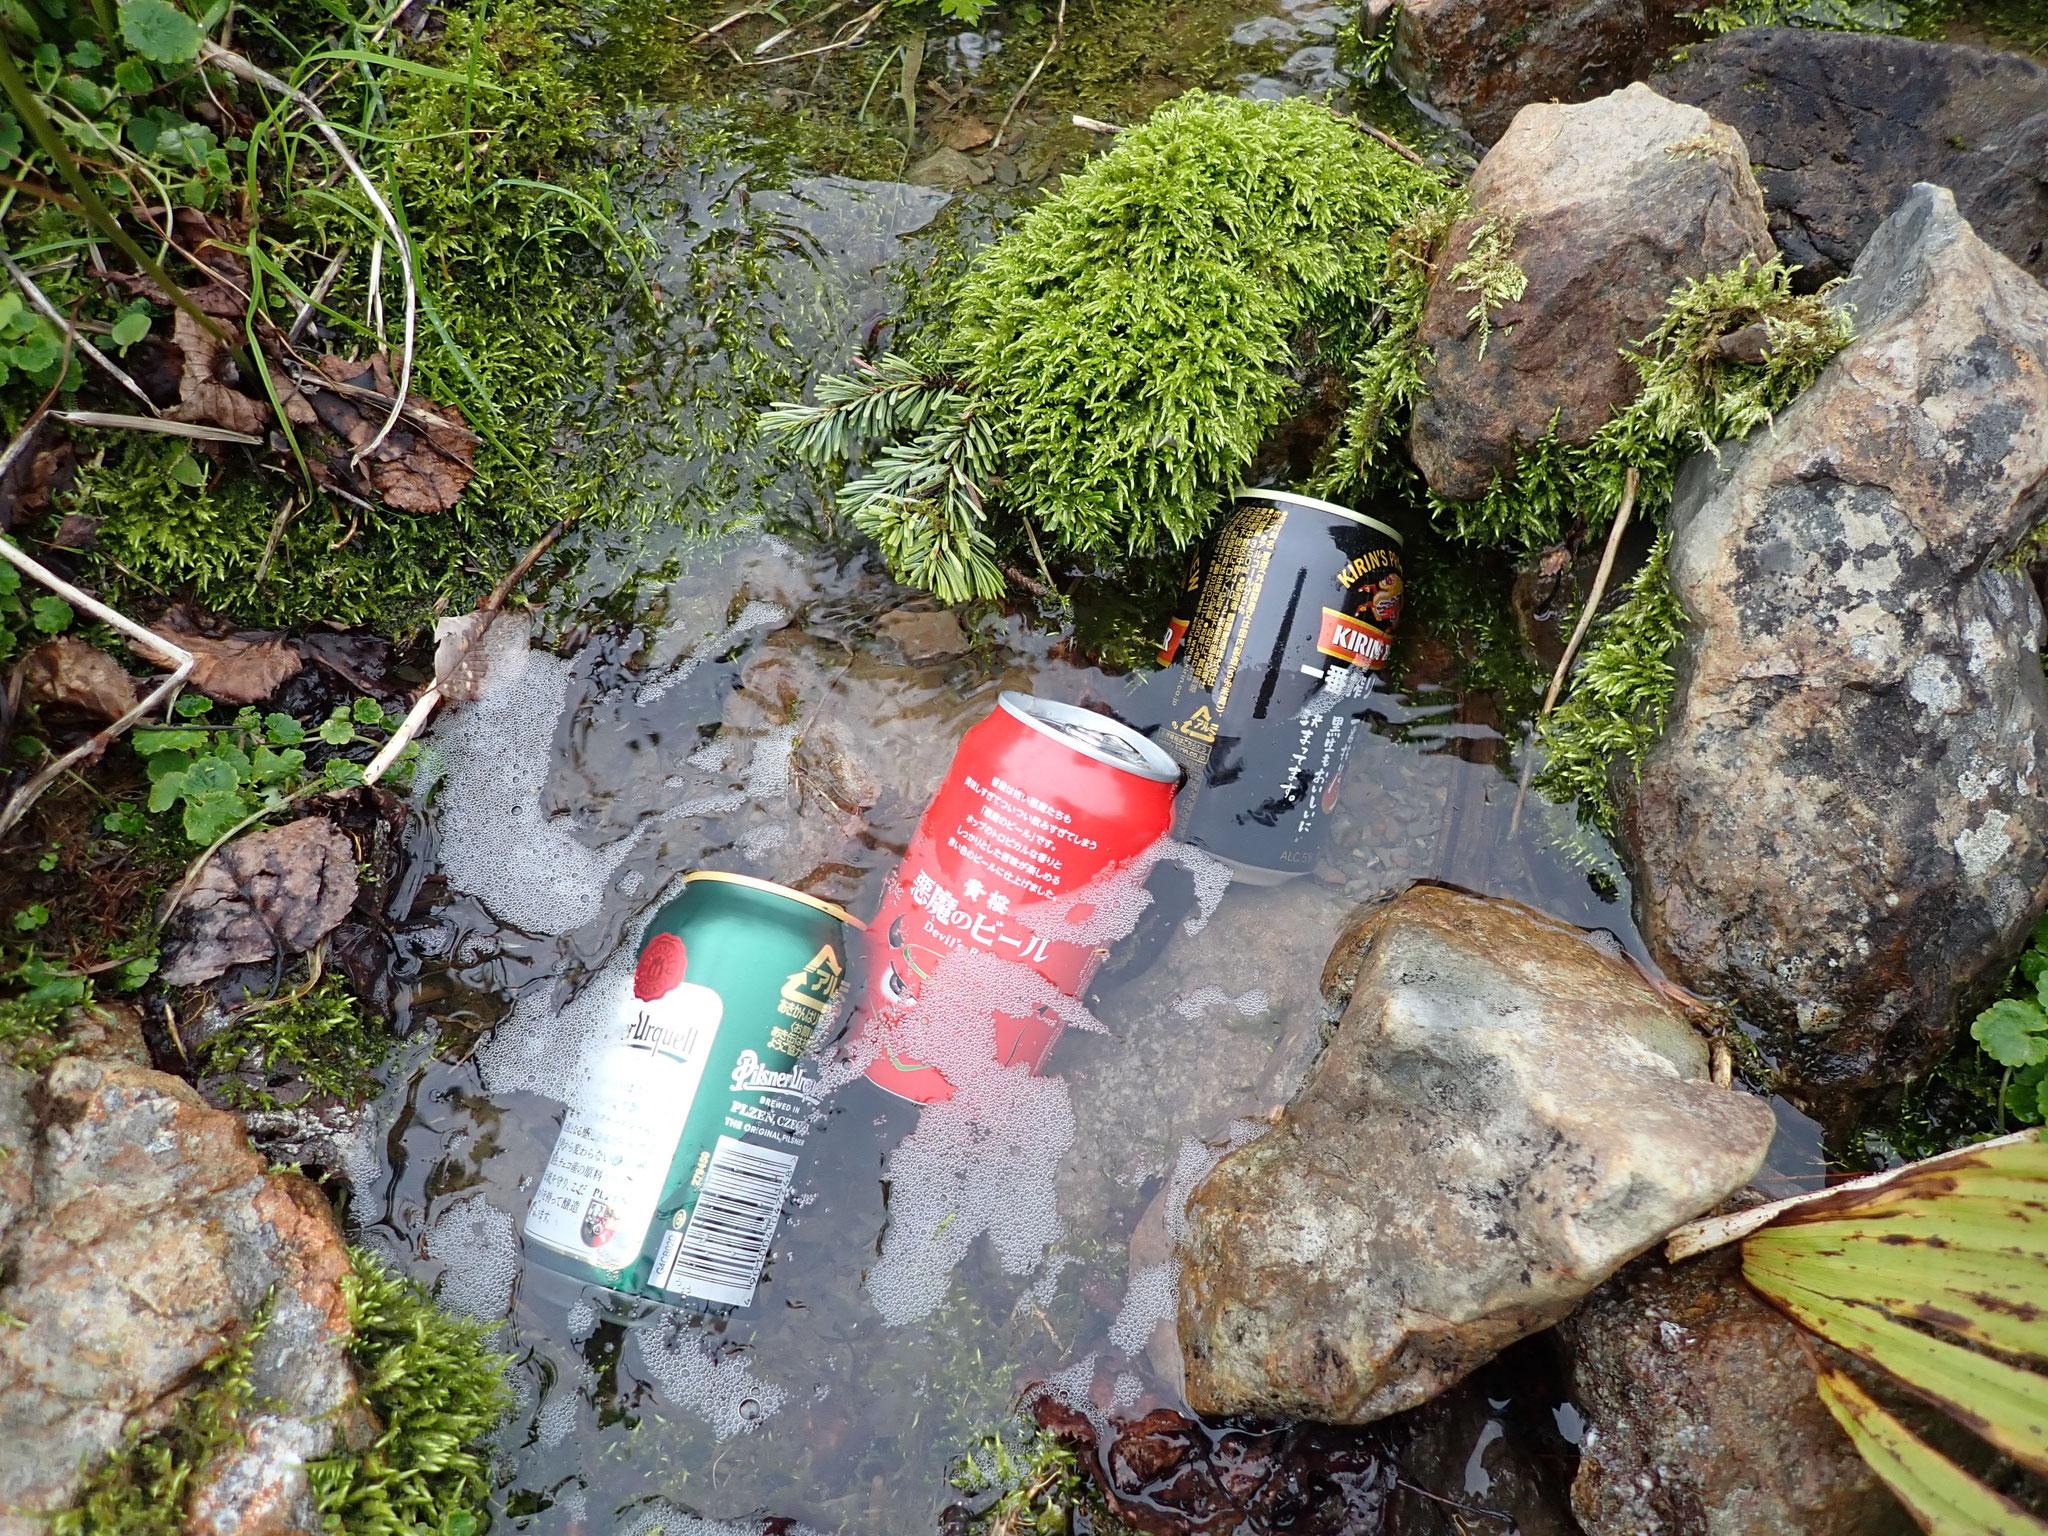 小屋での乾杯に備え、運び上げたビールを冷やす